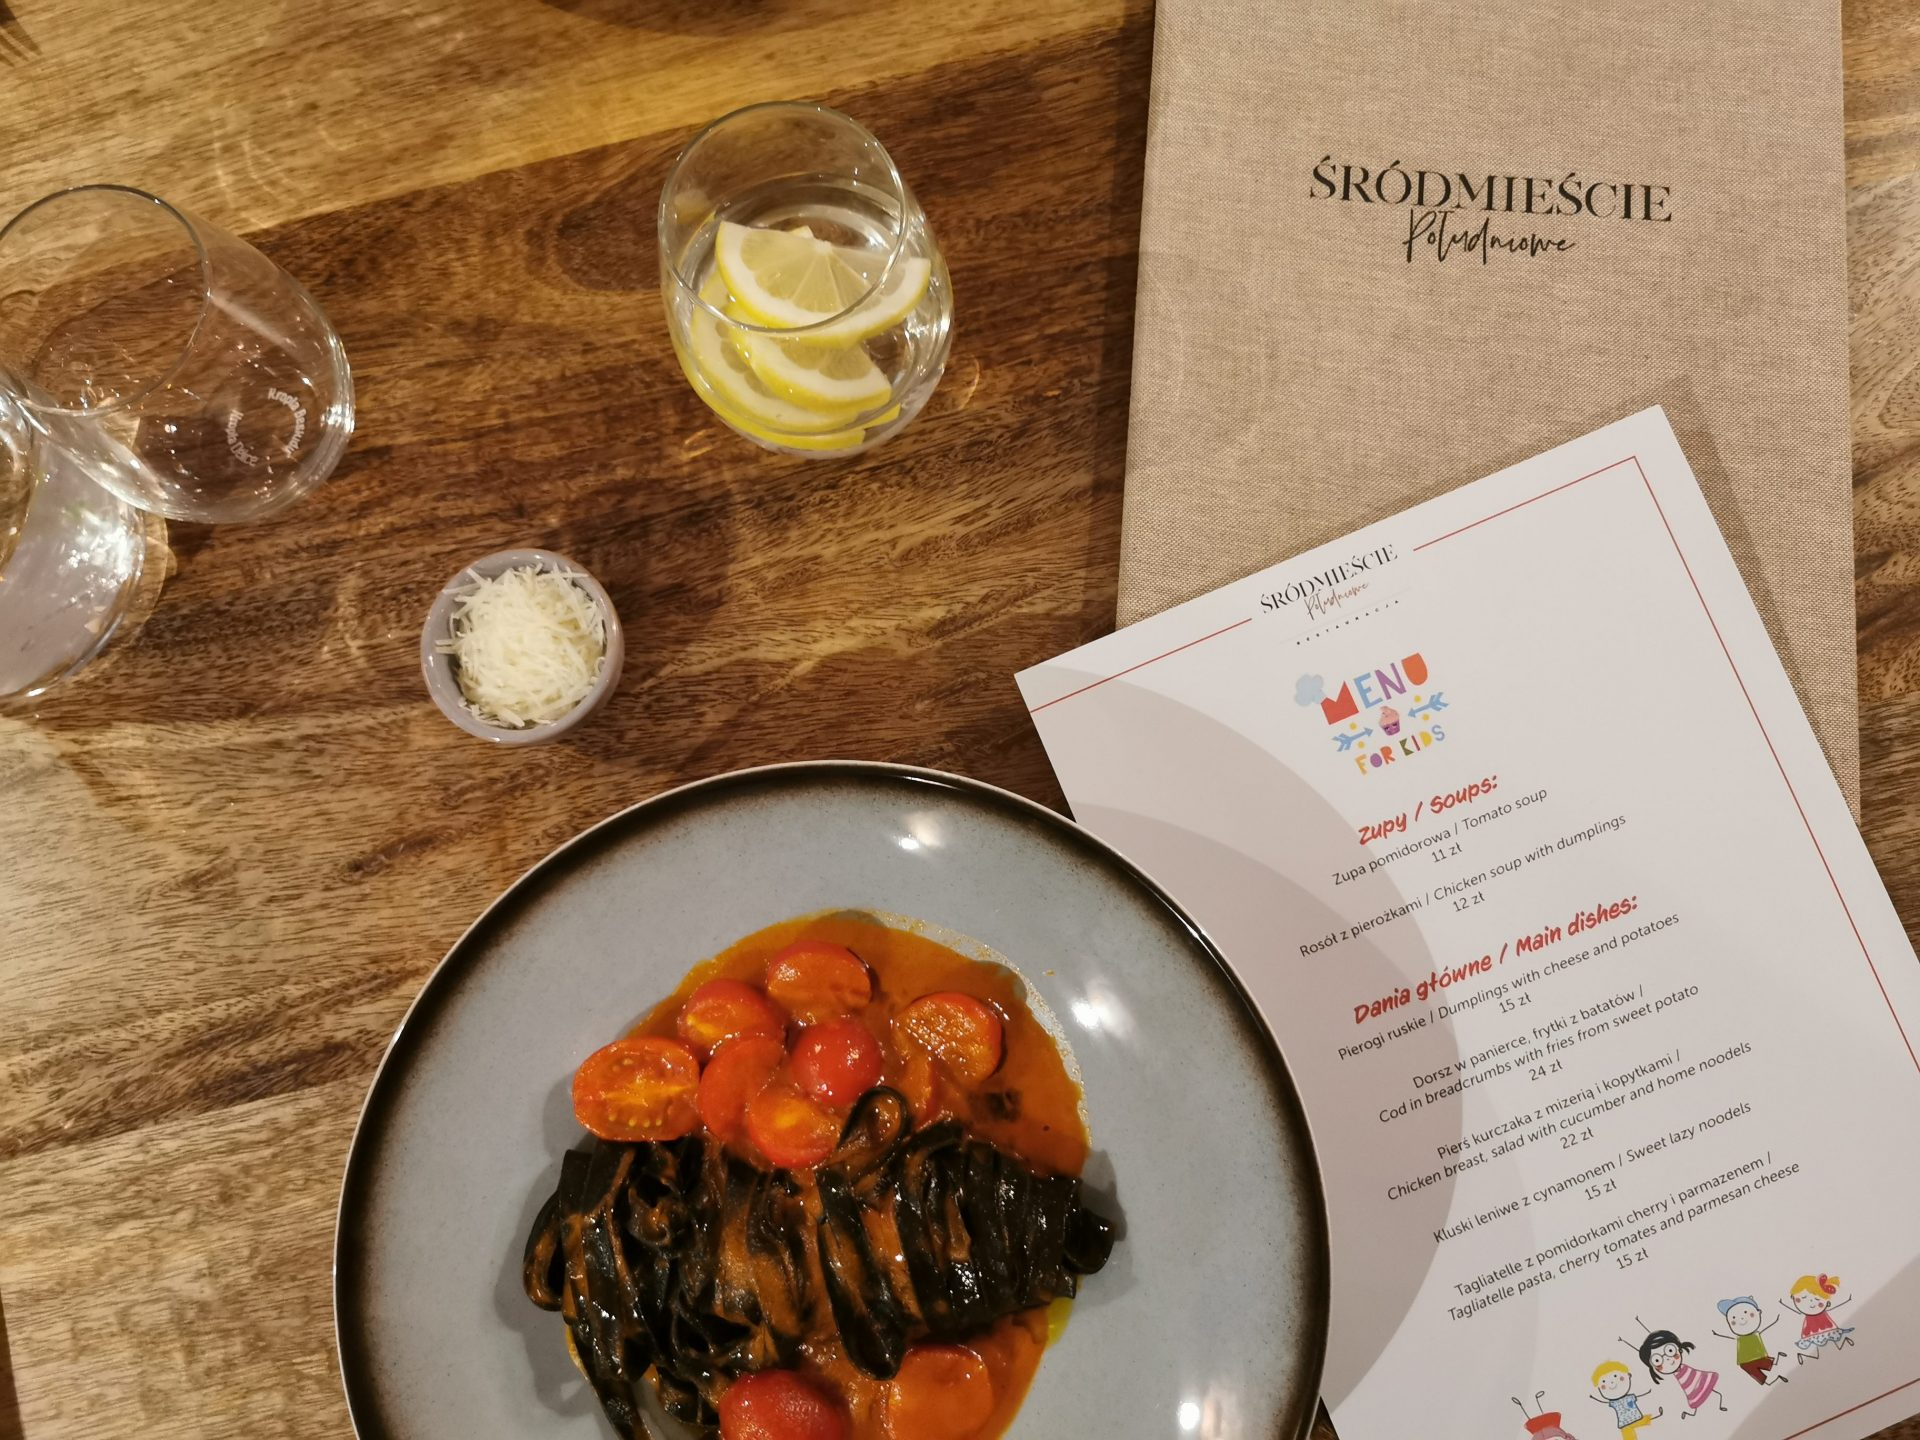 10 Najlepszych Restauracji W Warszawie Przystosowanych Do Potrzeb